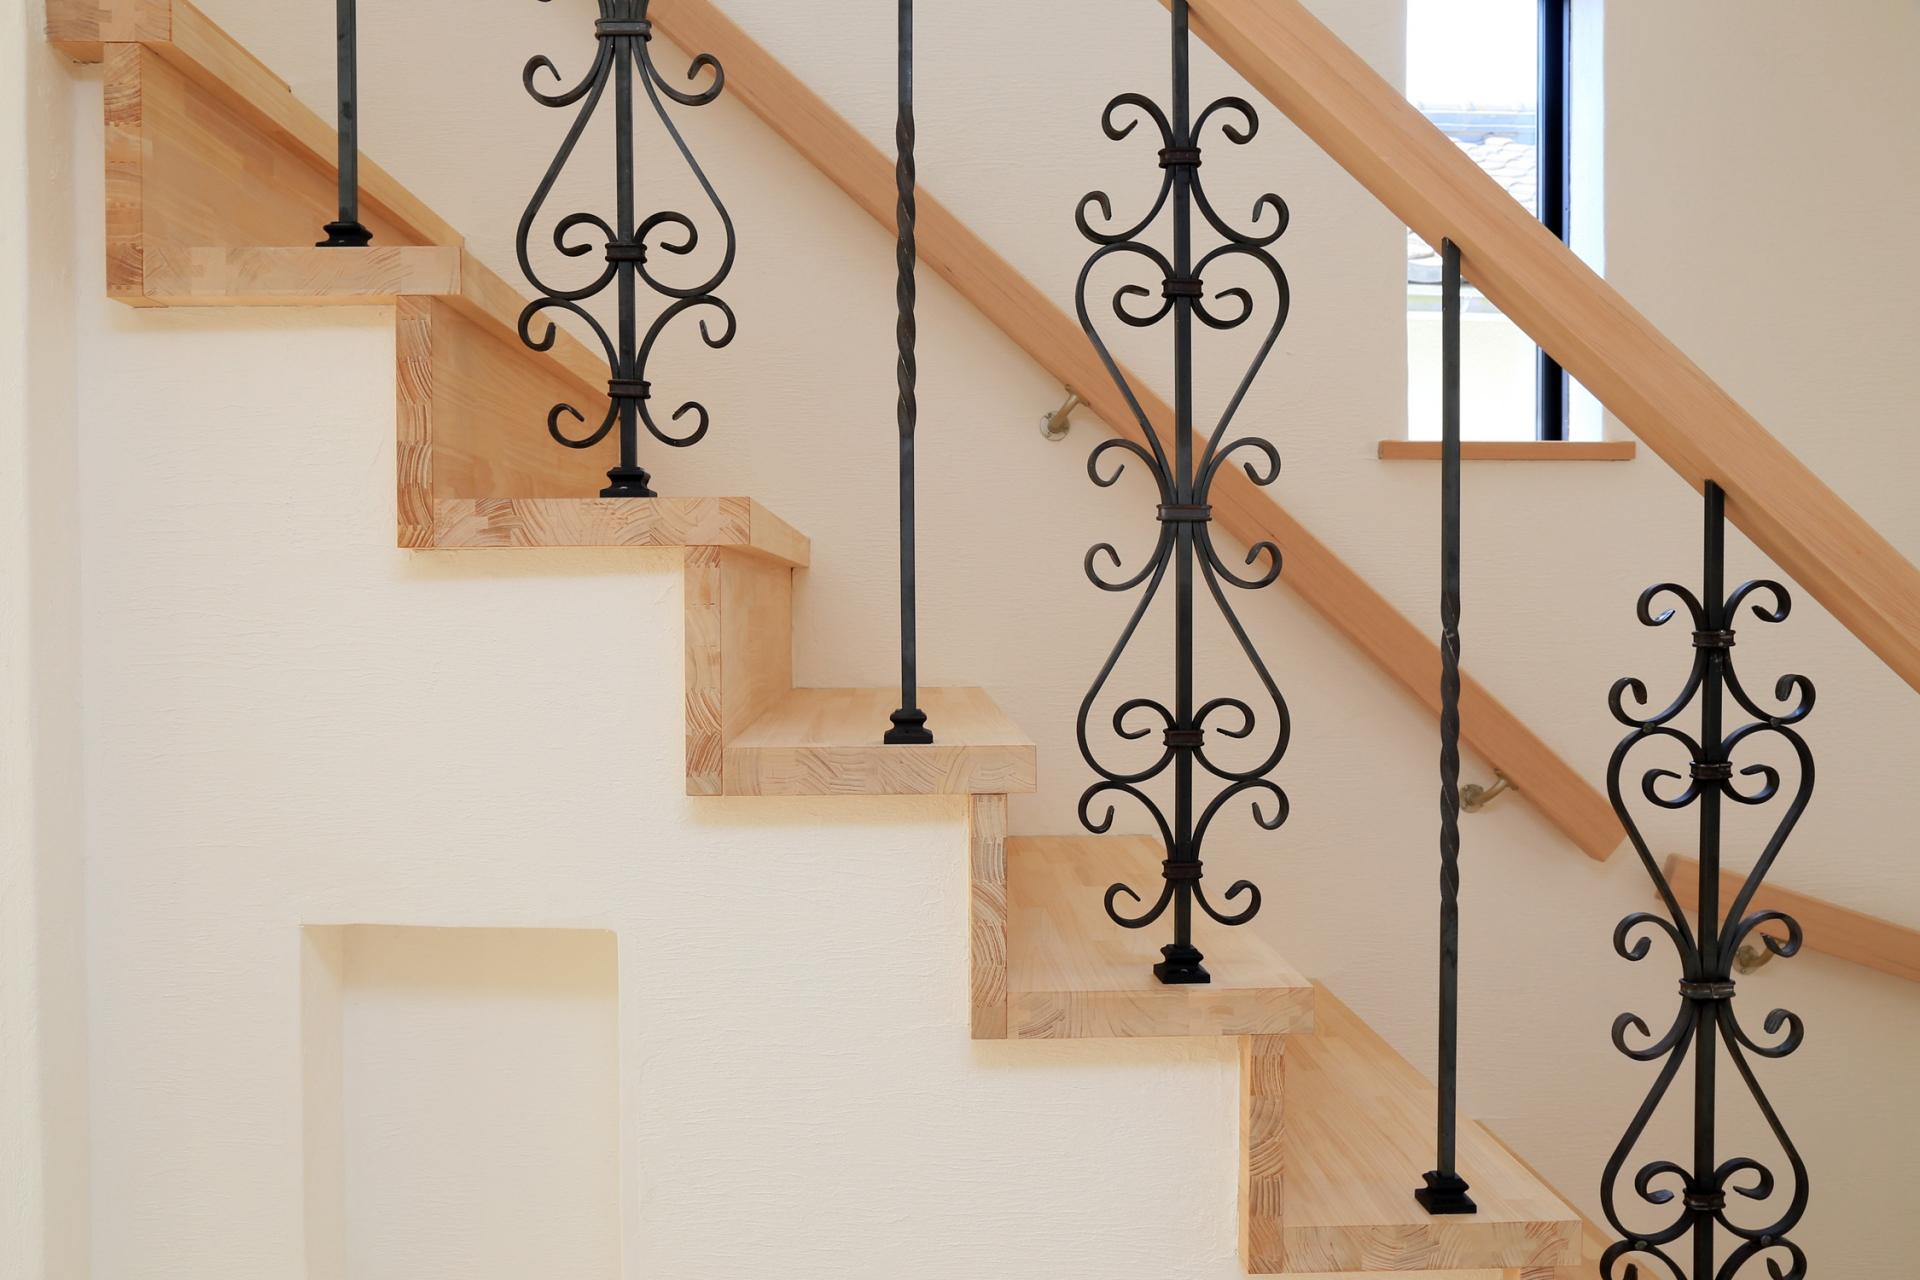 階段の昇り降りが家事負担を増やす原因